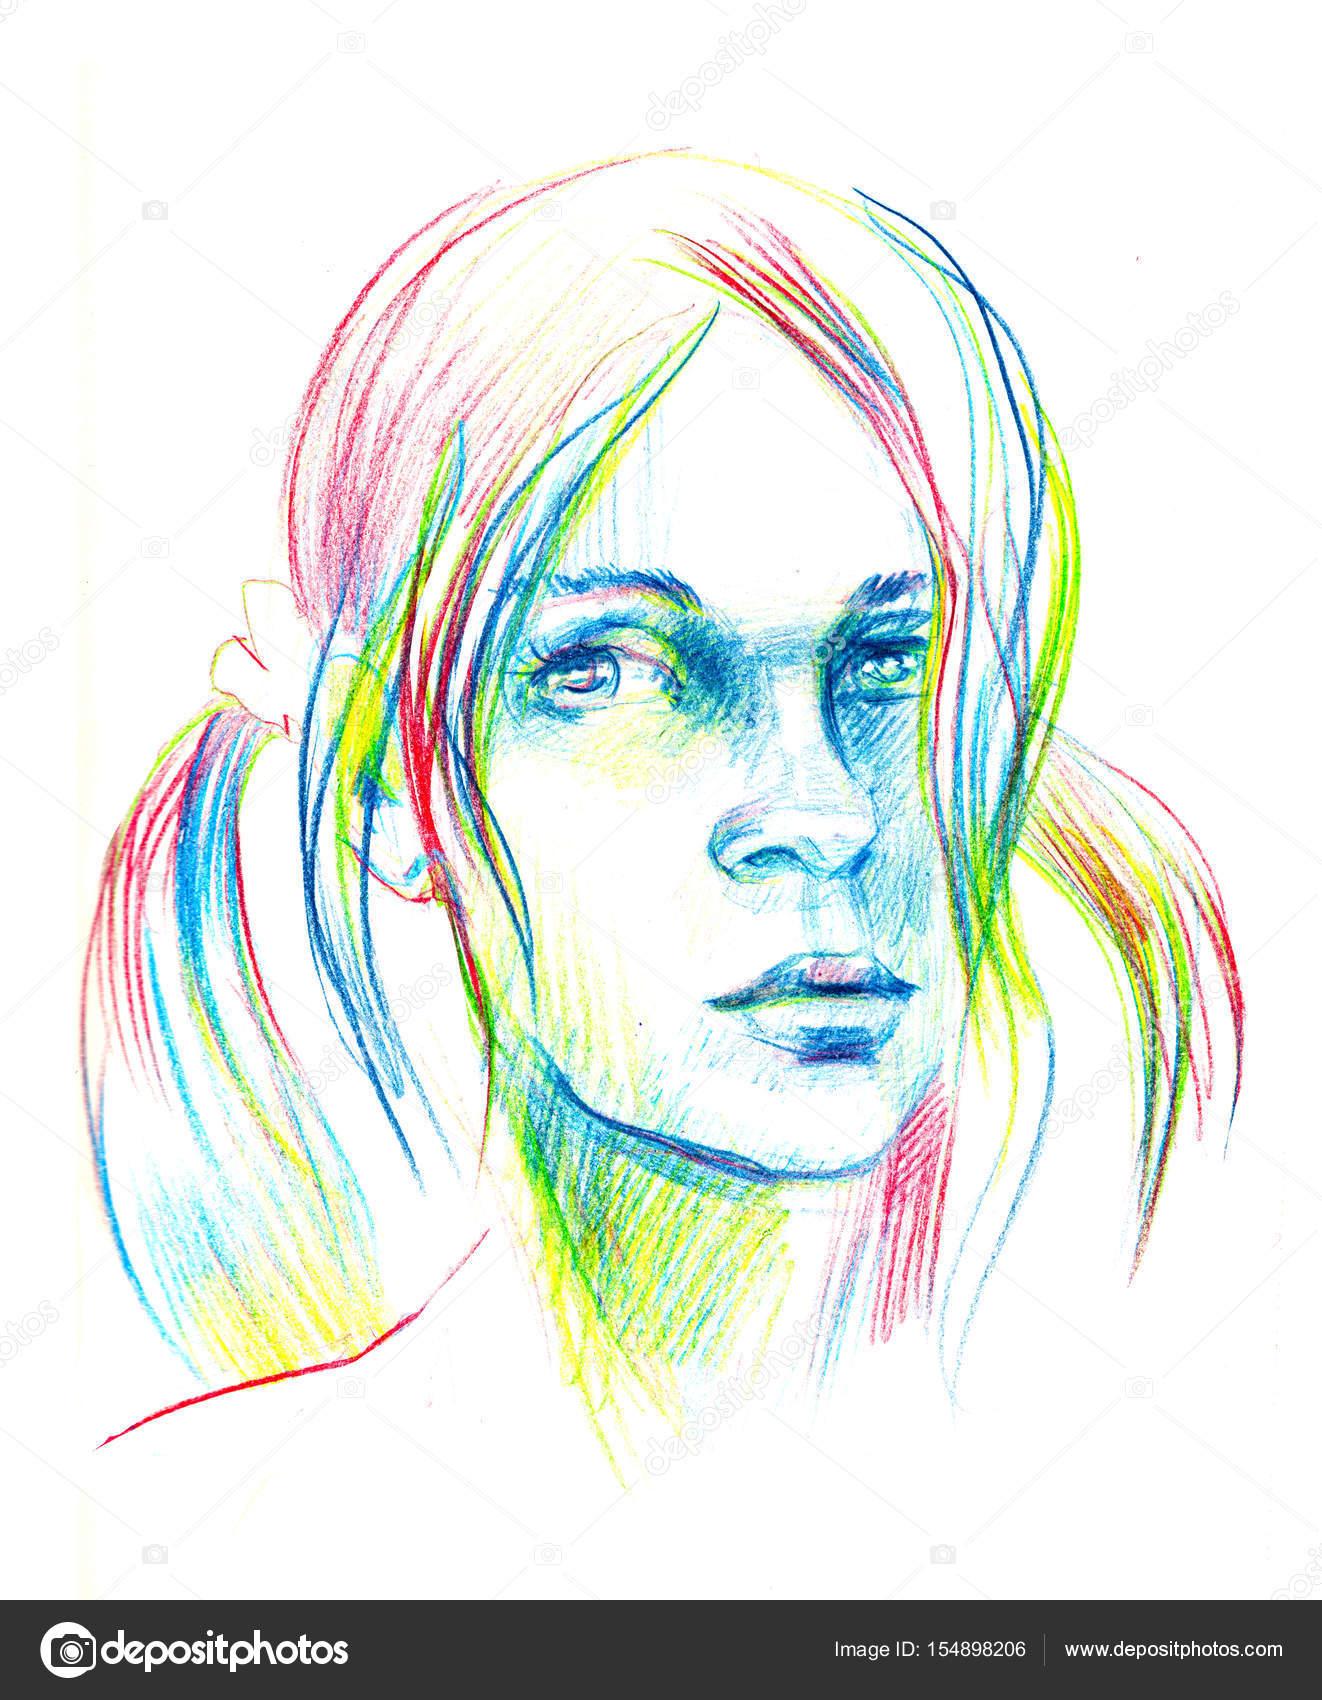 Mulher de ilustrações desenhadas de mão desenho à mão livre retrato feminino fotografia por design anyagmail com